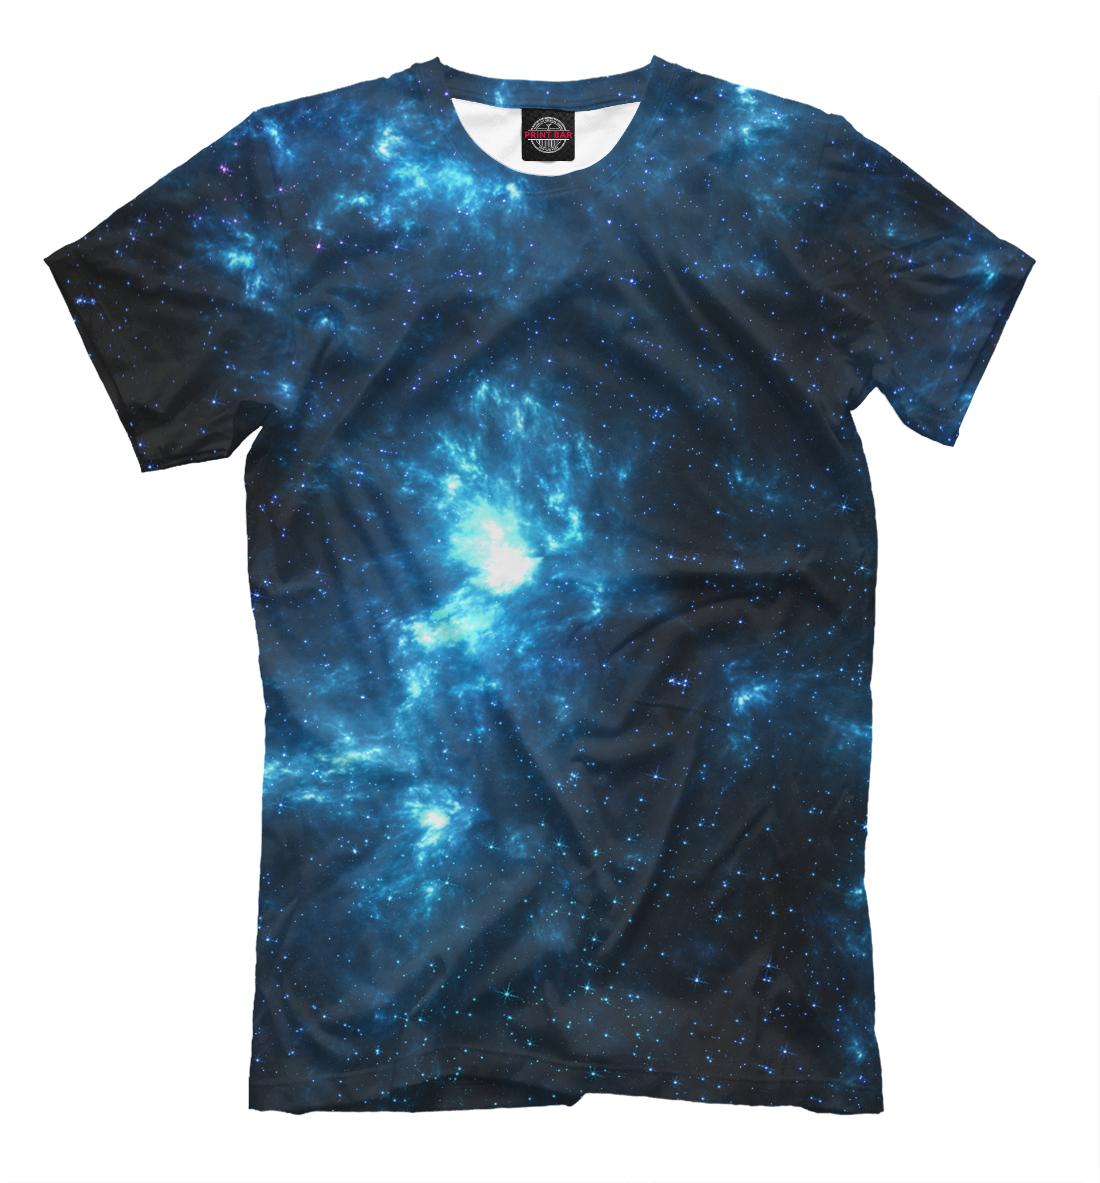 Купить Синий космос, Printbar, Футболки, HIP-150790-fut-2